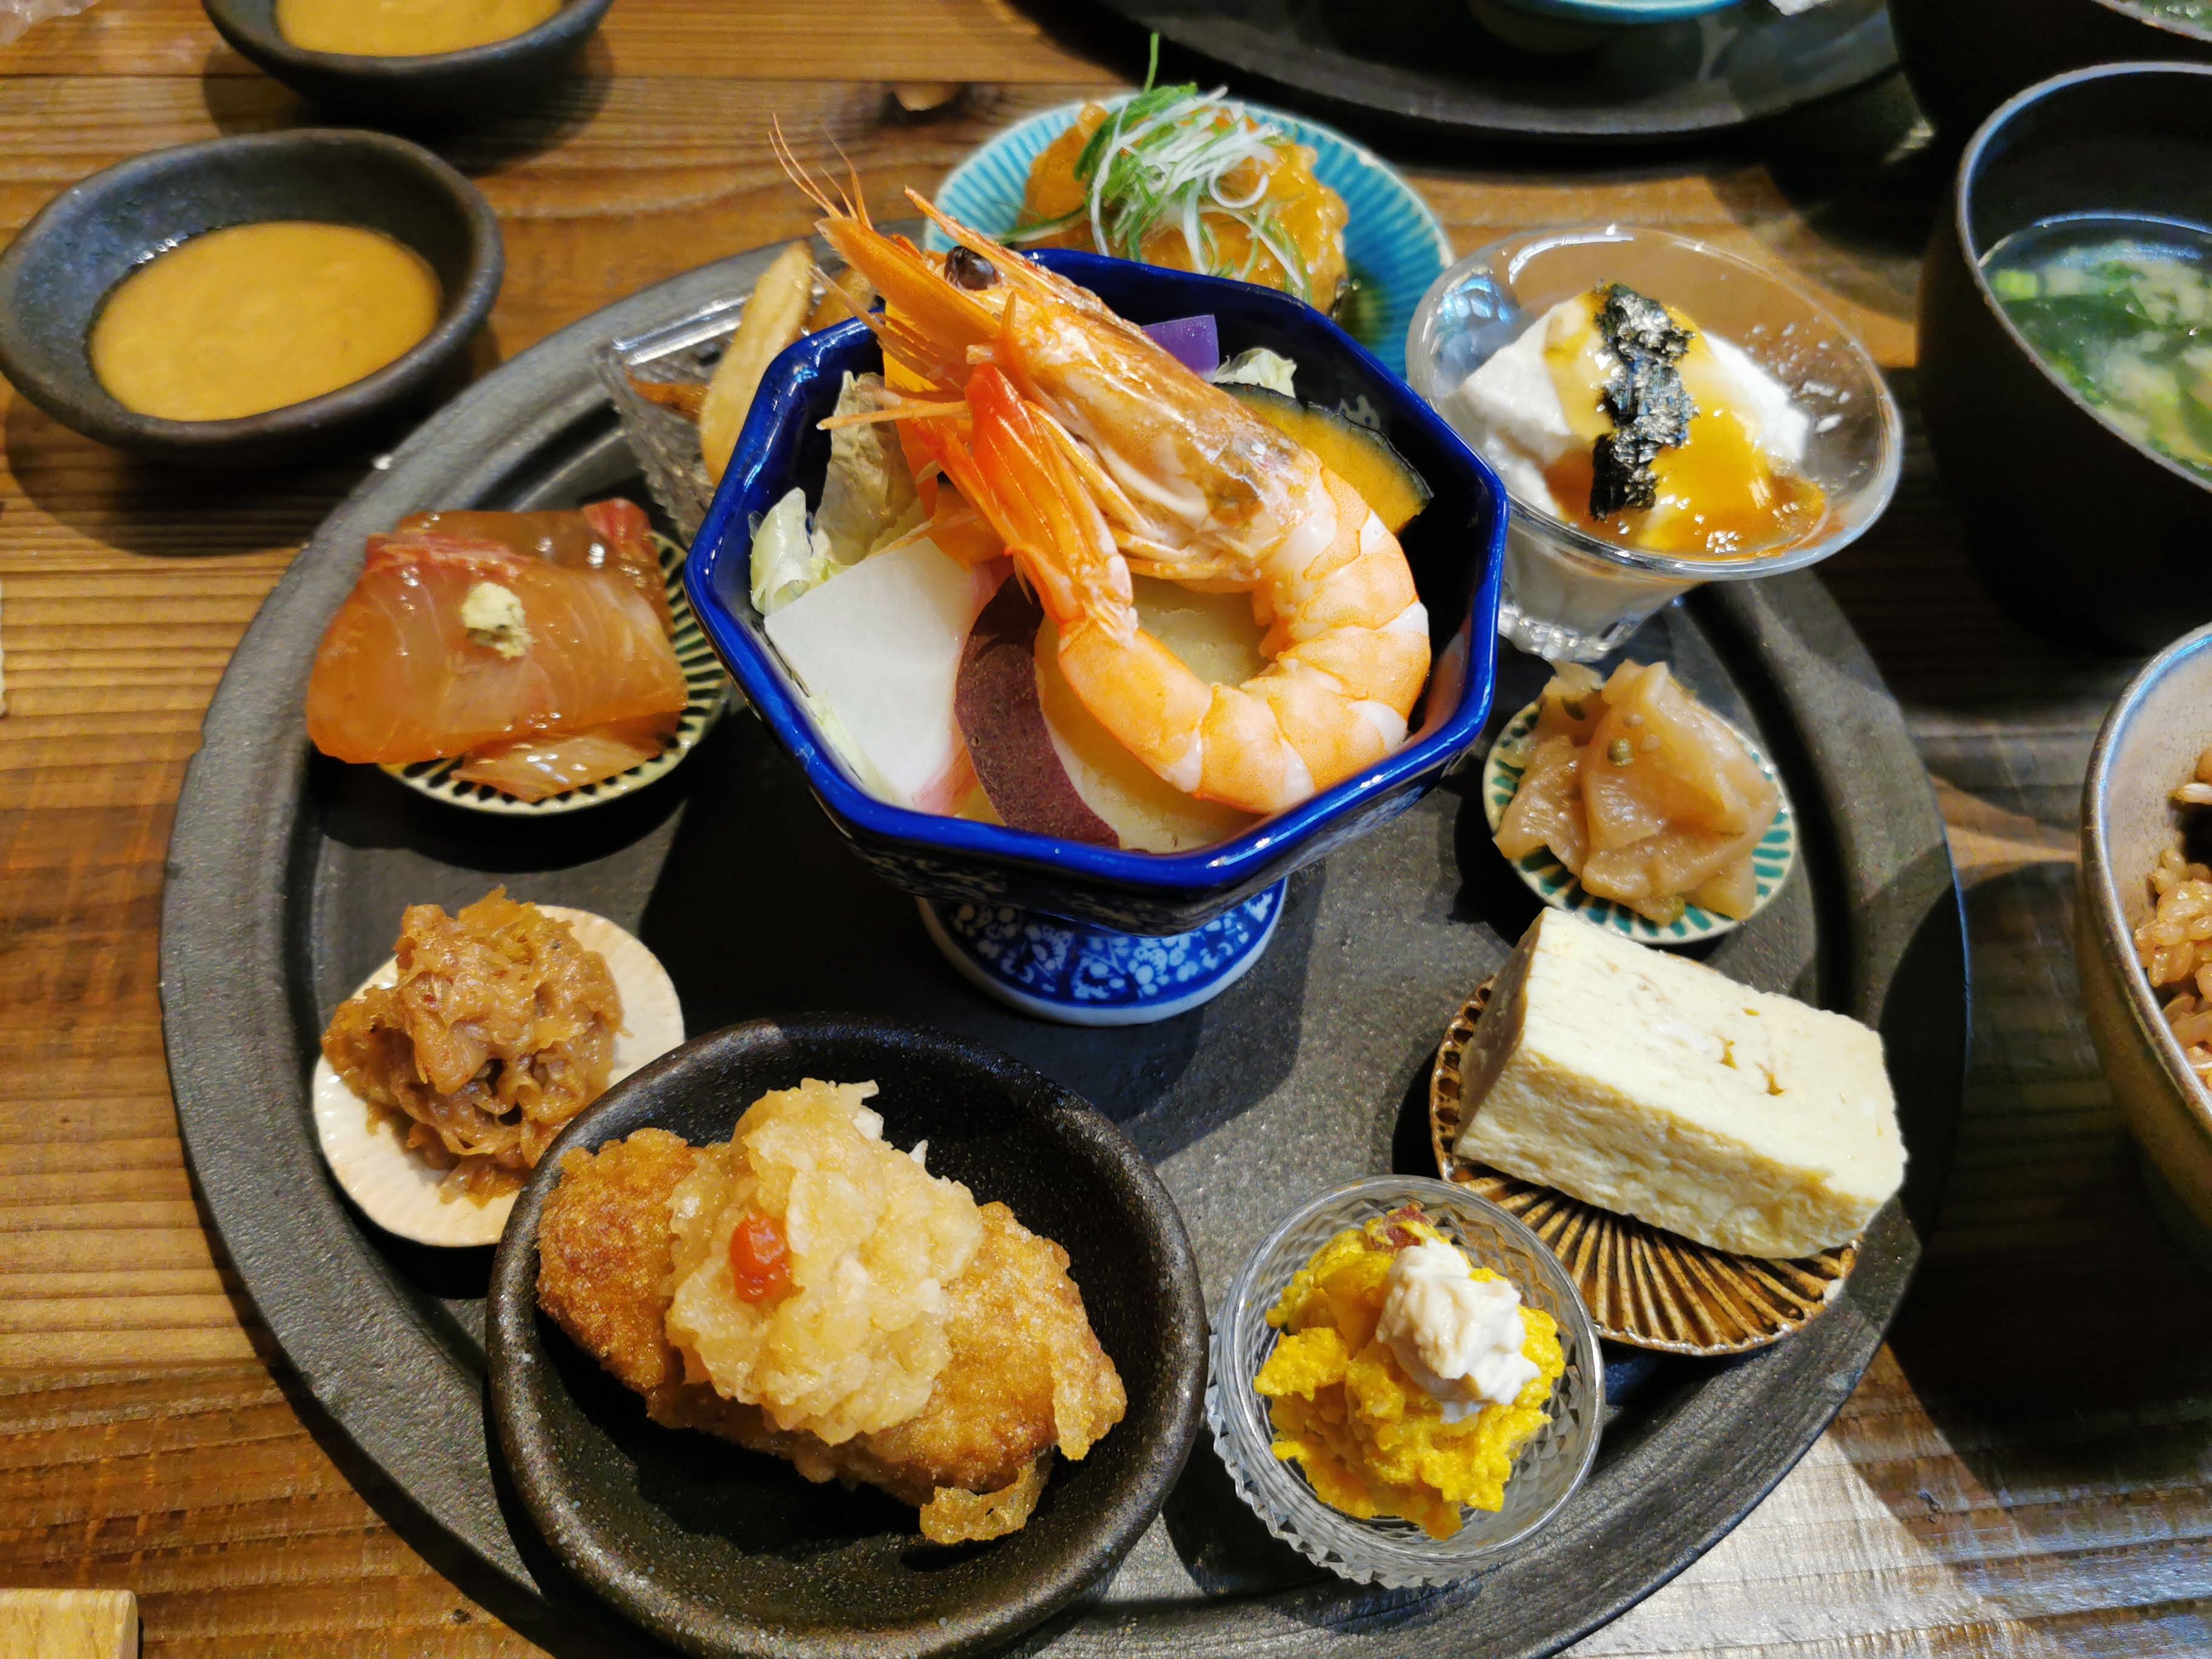 【鎌倉】Umi鎌倉@オーガニック食材と丁寧な料理で心と体に優しい食事を楽しもう!